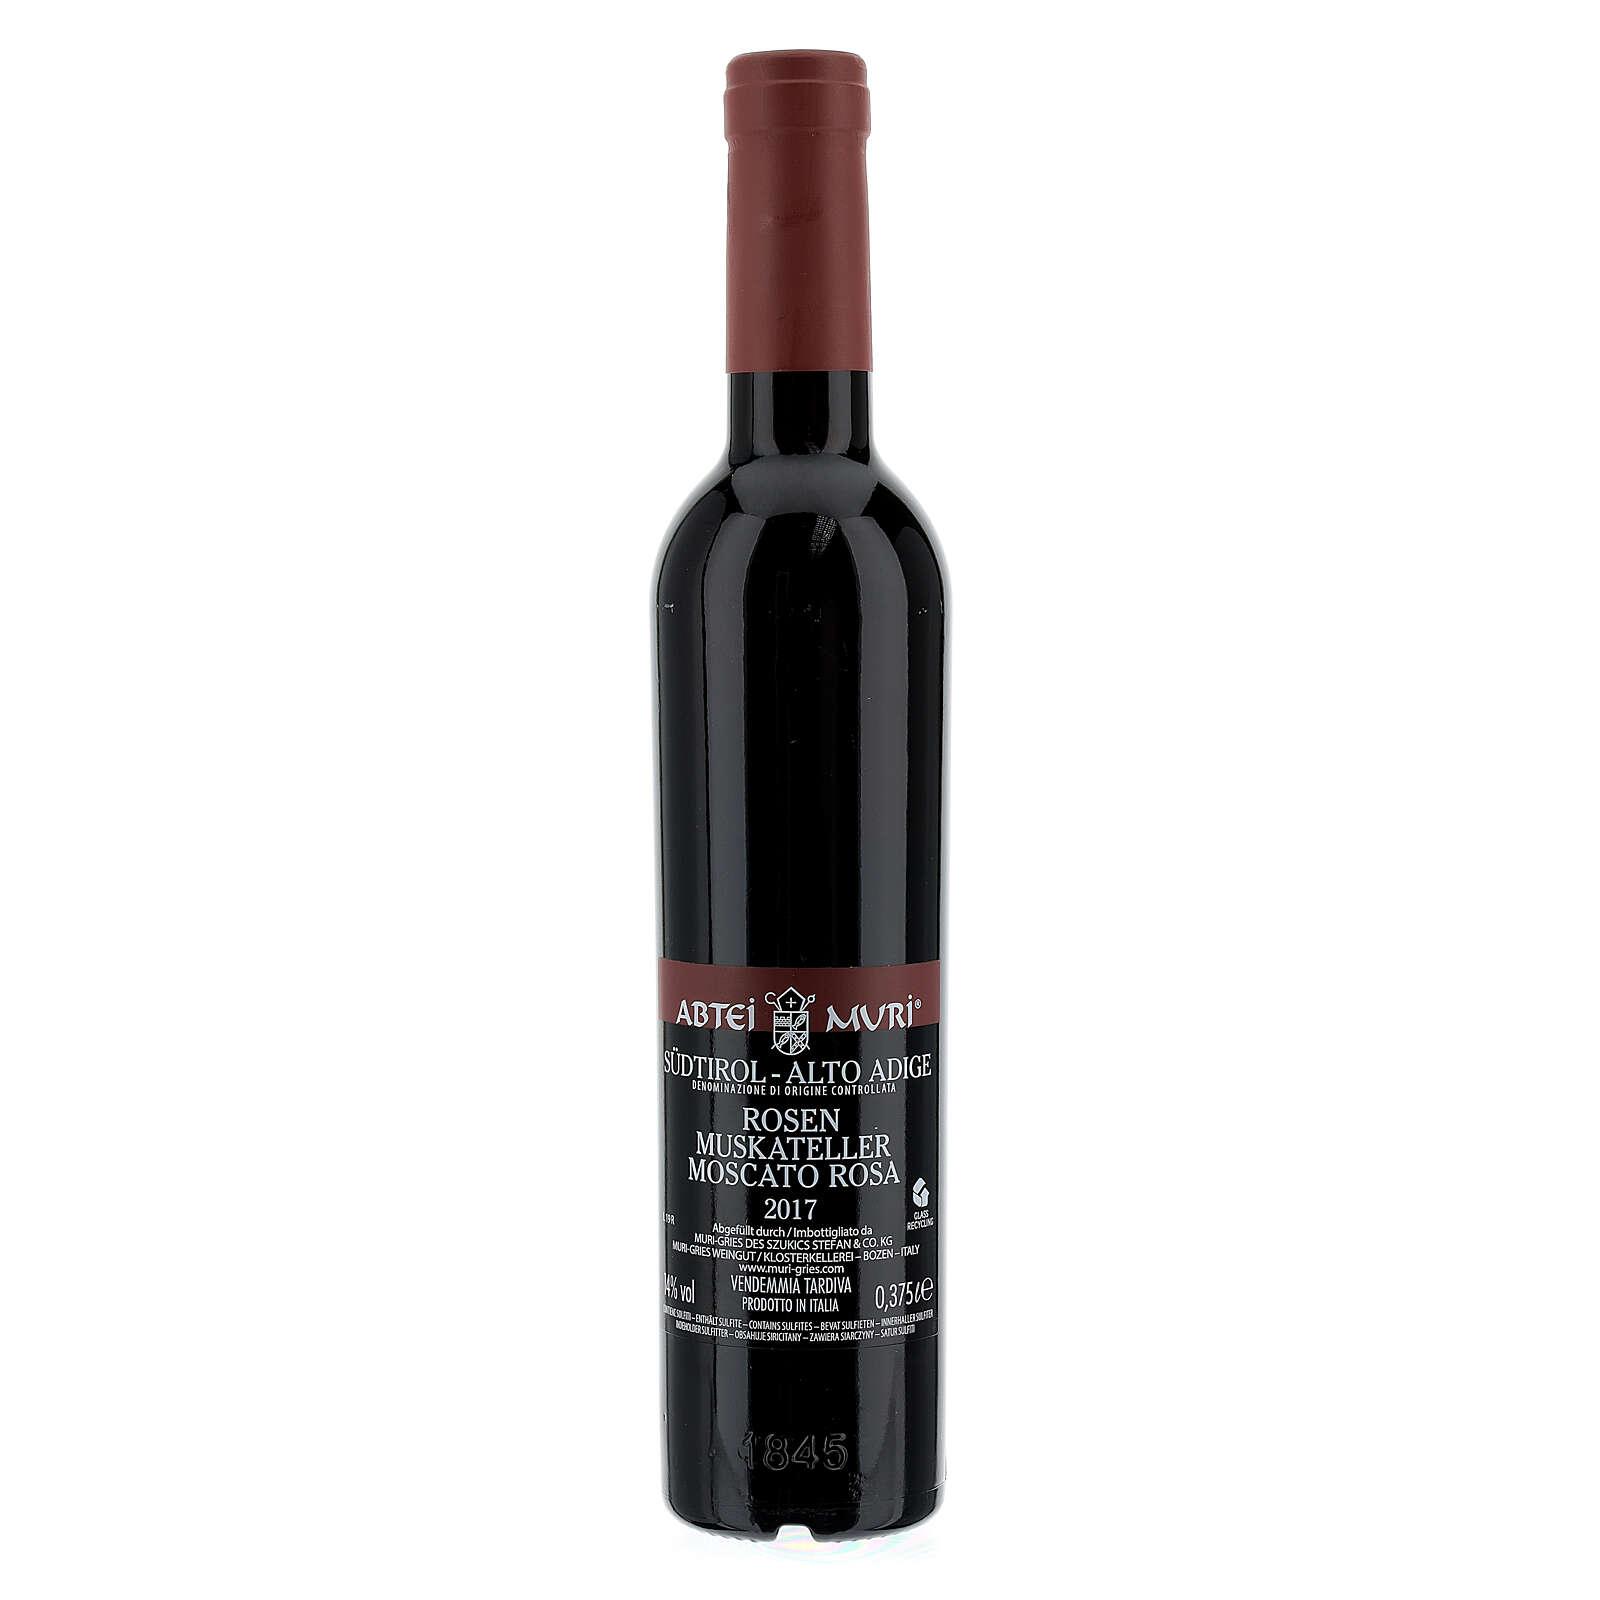 Wino Moscato rosa DOC 2015 Abbazia Muri Gries 375 ml 3